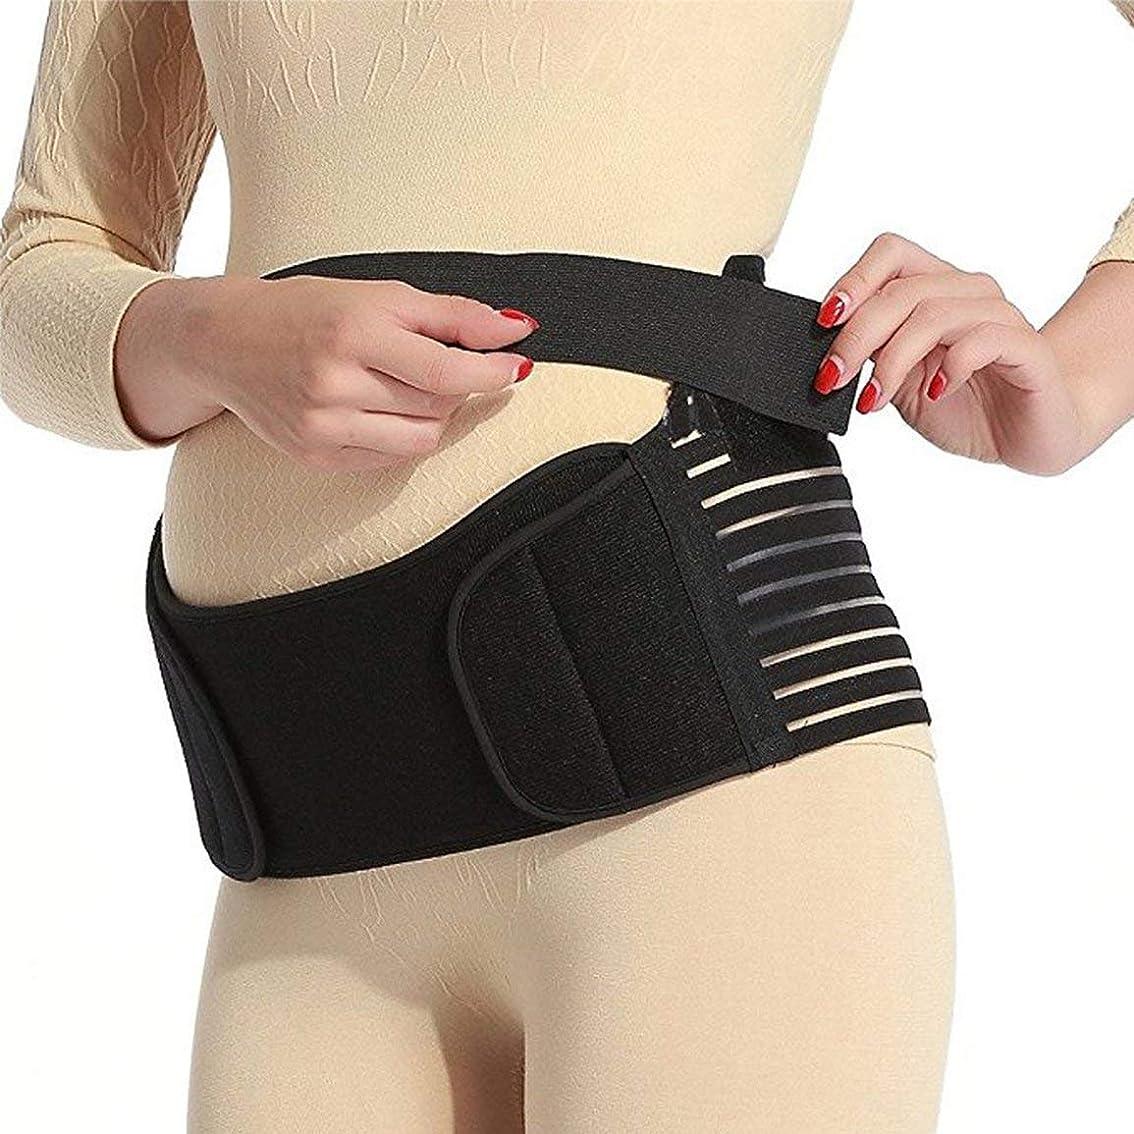 解く類推支払う通気性マタニティベルト妊娠中の腹部サポート腹部バインダーガードル運動包帯産後の回復shapewear - ブラックM